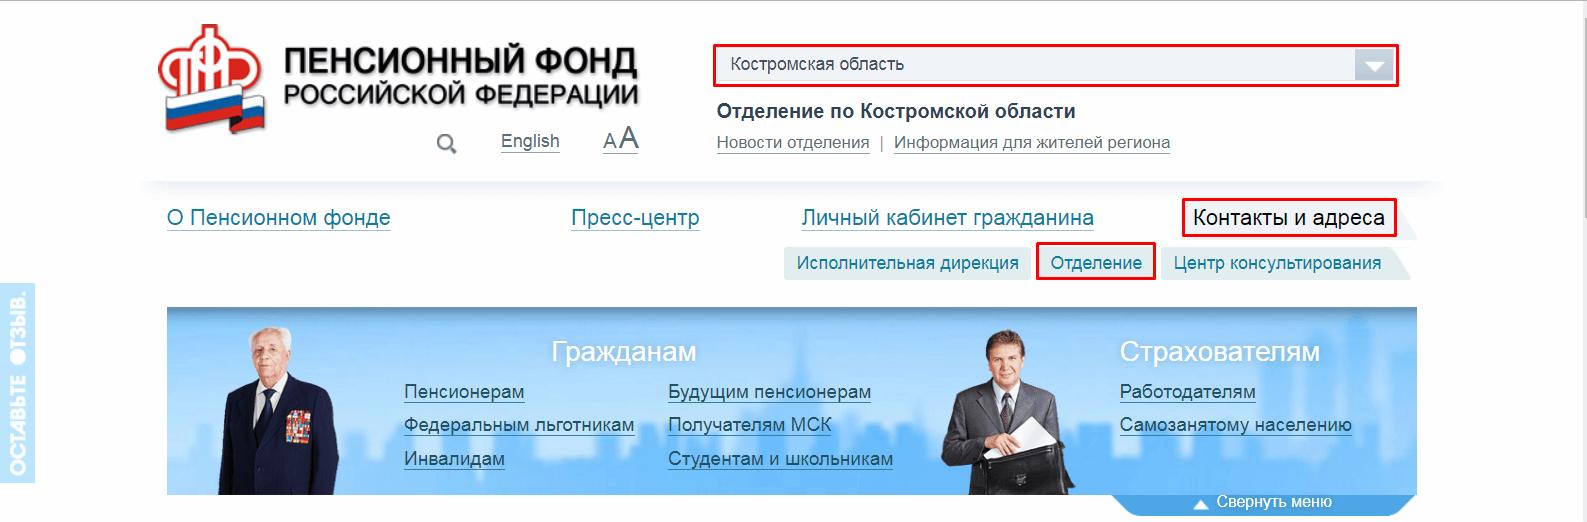 Пенсионный фонд Кострома